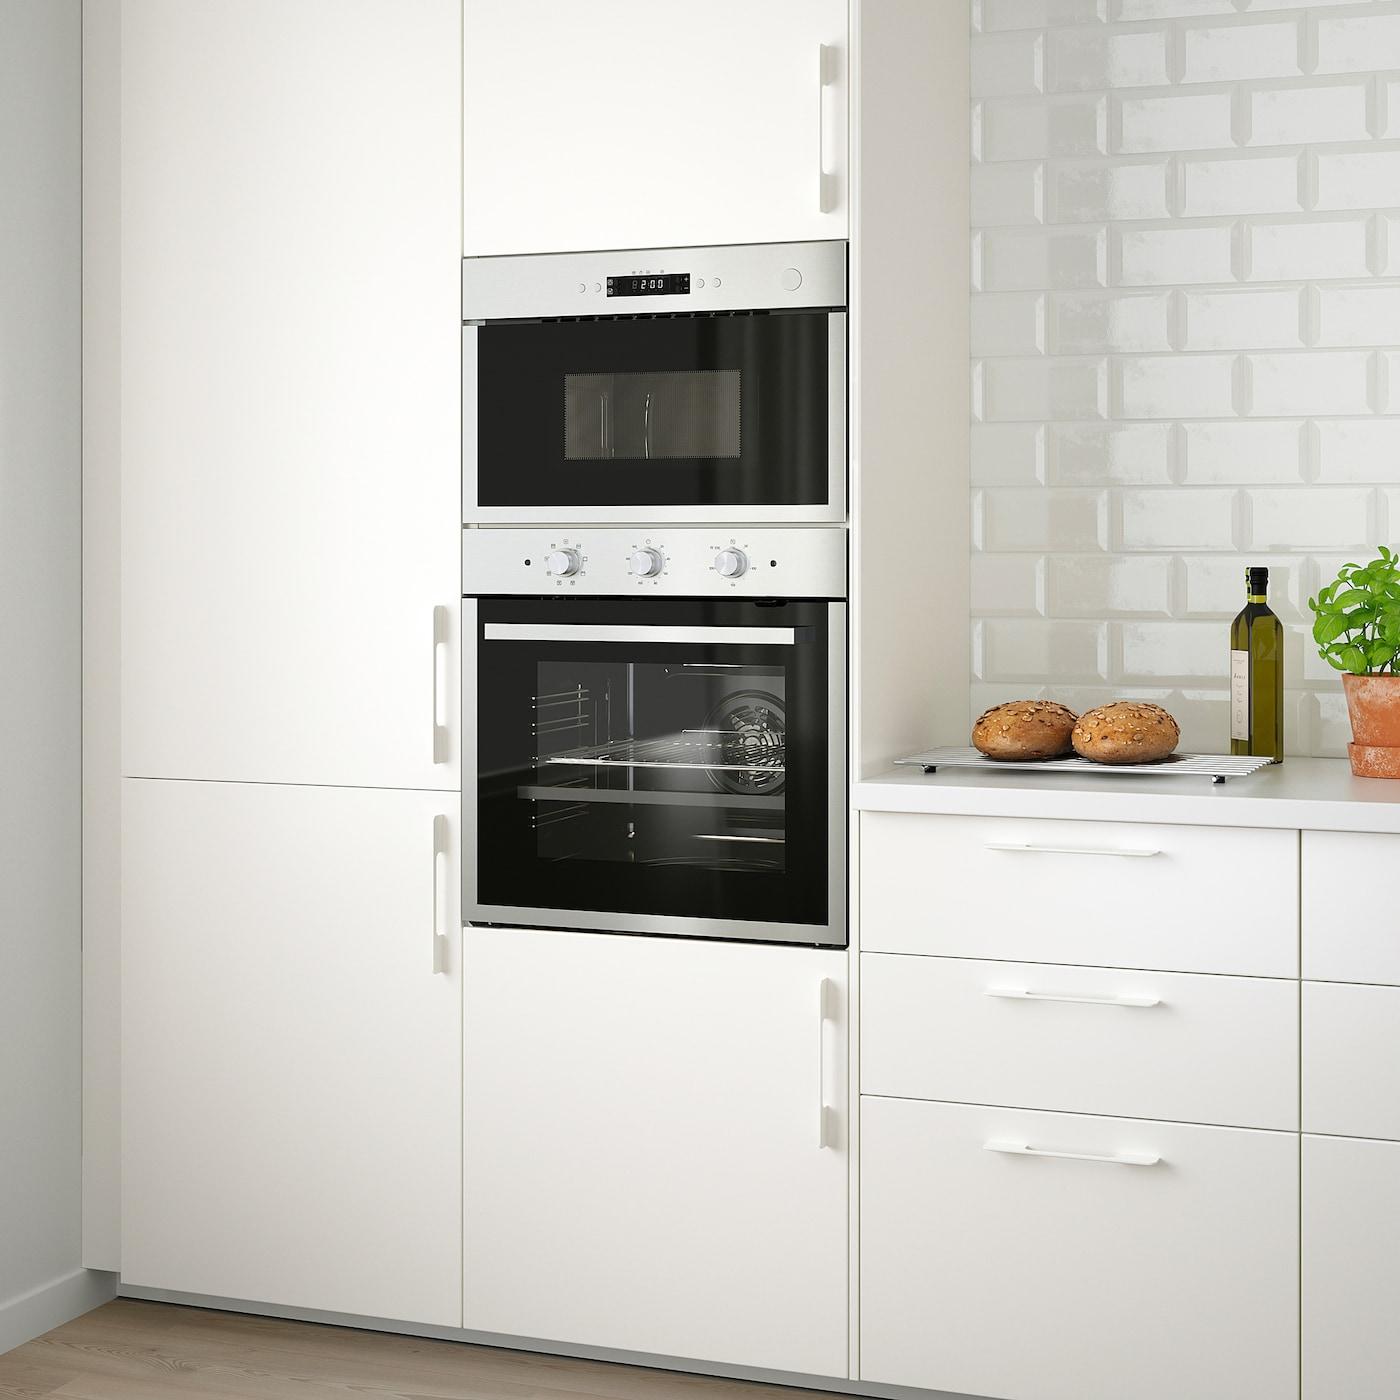 Meuble Sous Plaque Four Ikea matÄlskare four à pyrolyse - couleur acier inox